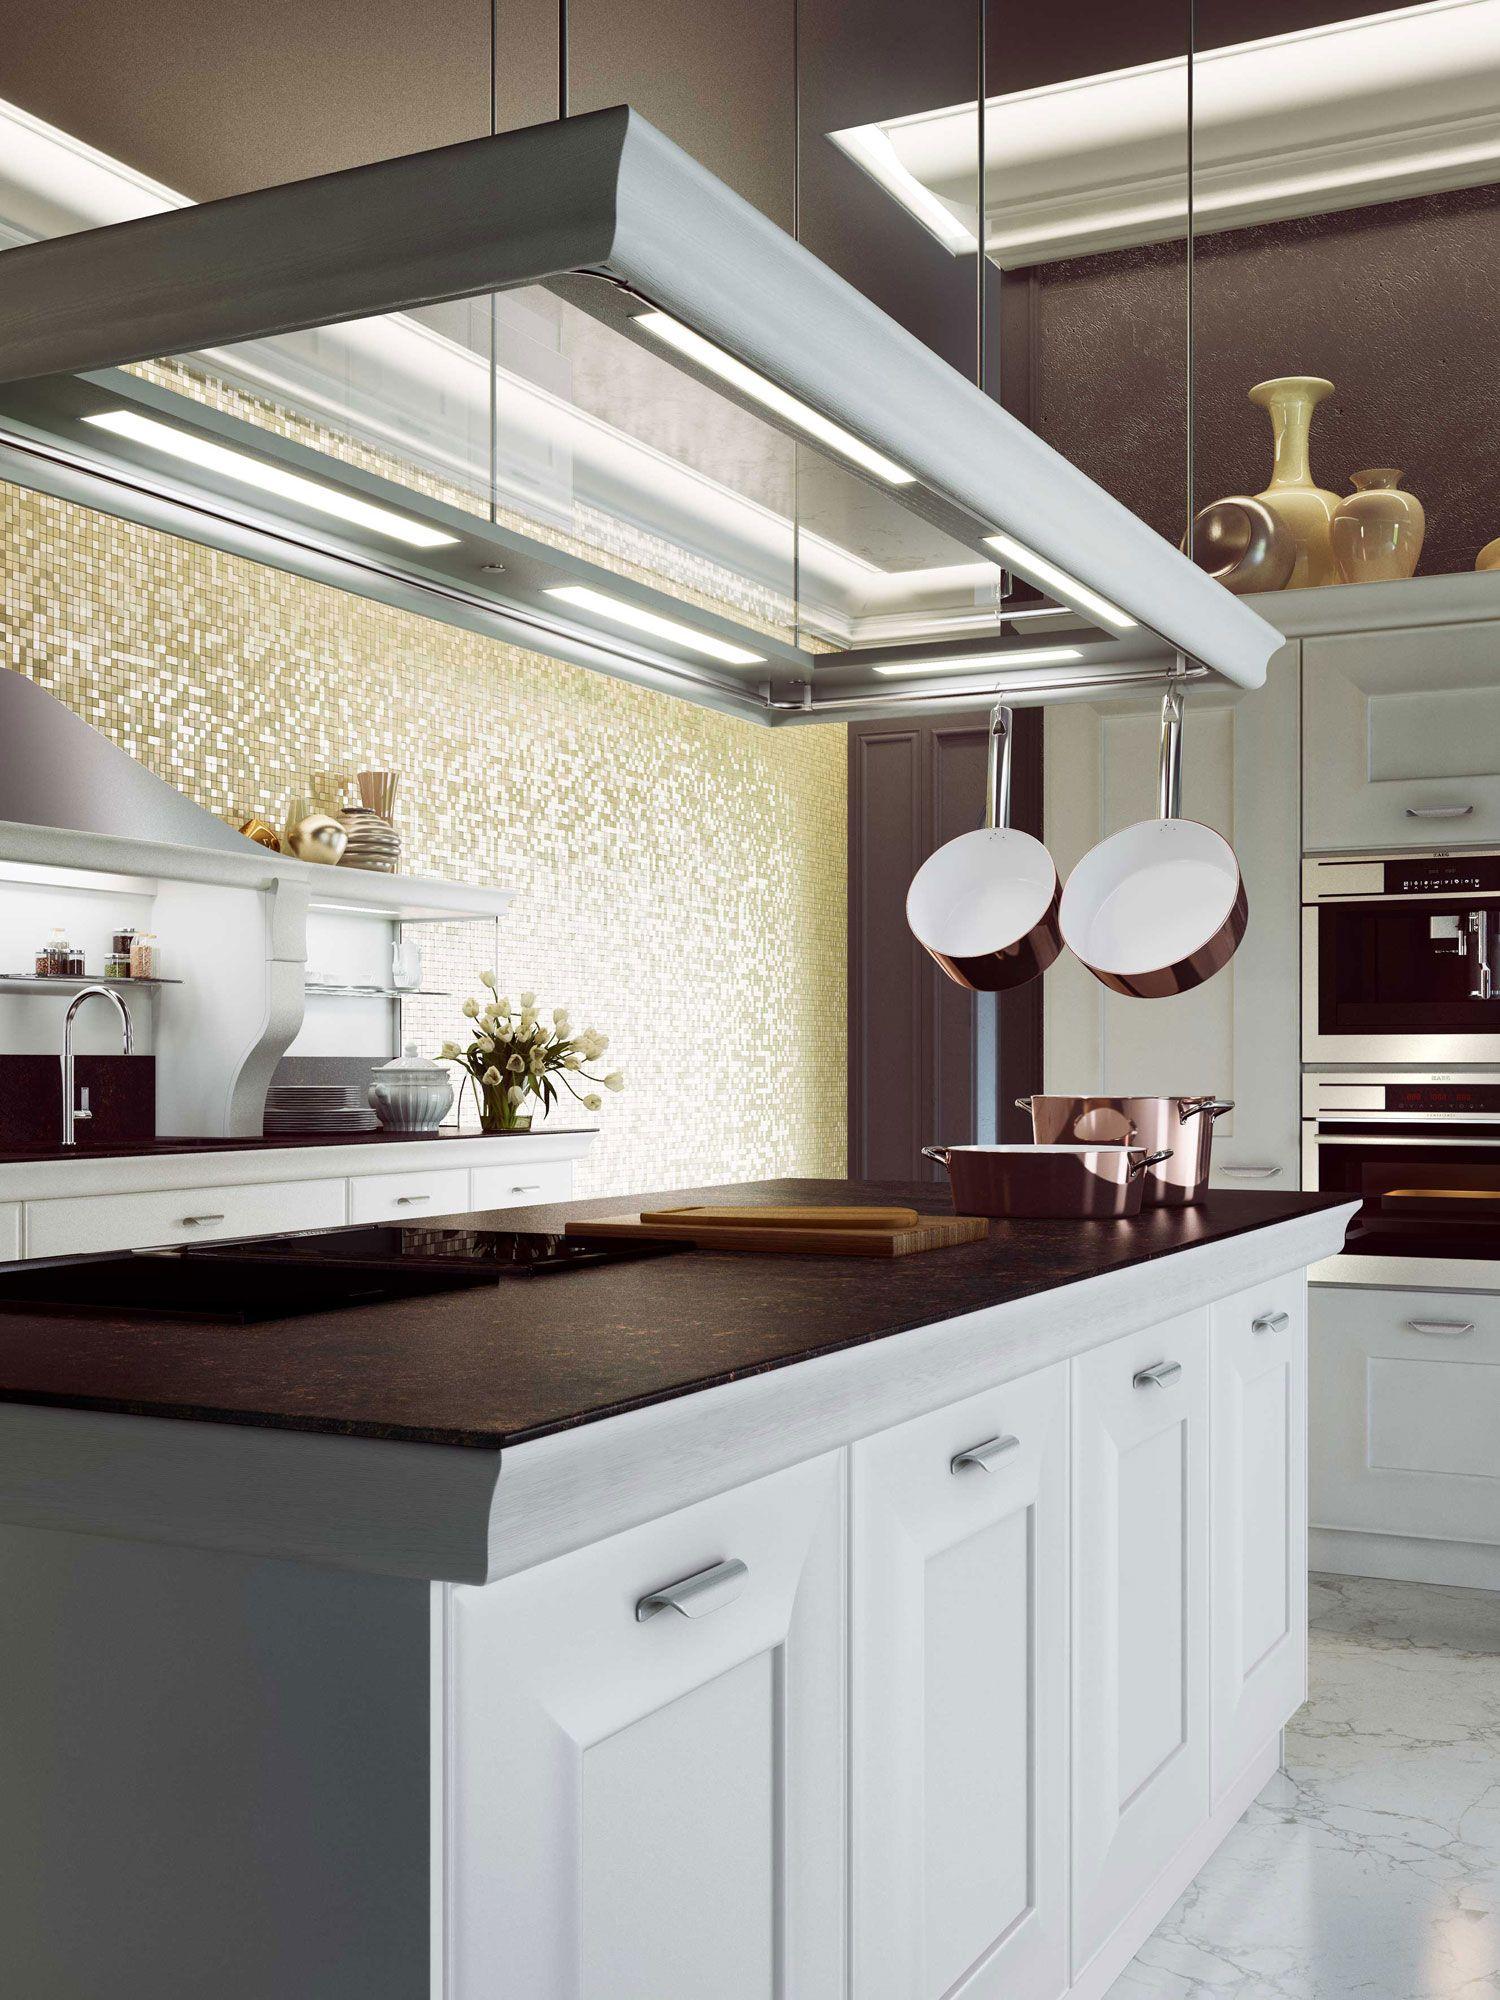 Cucine Snaidero Classiche.Cucine Classiche Contemporanee Modello Gioconda Di Snaidero